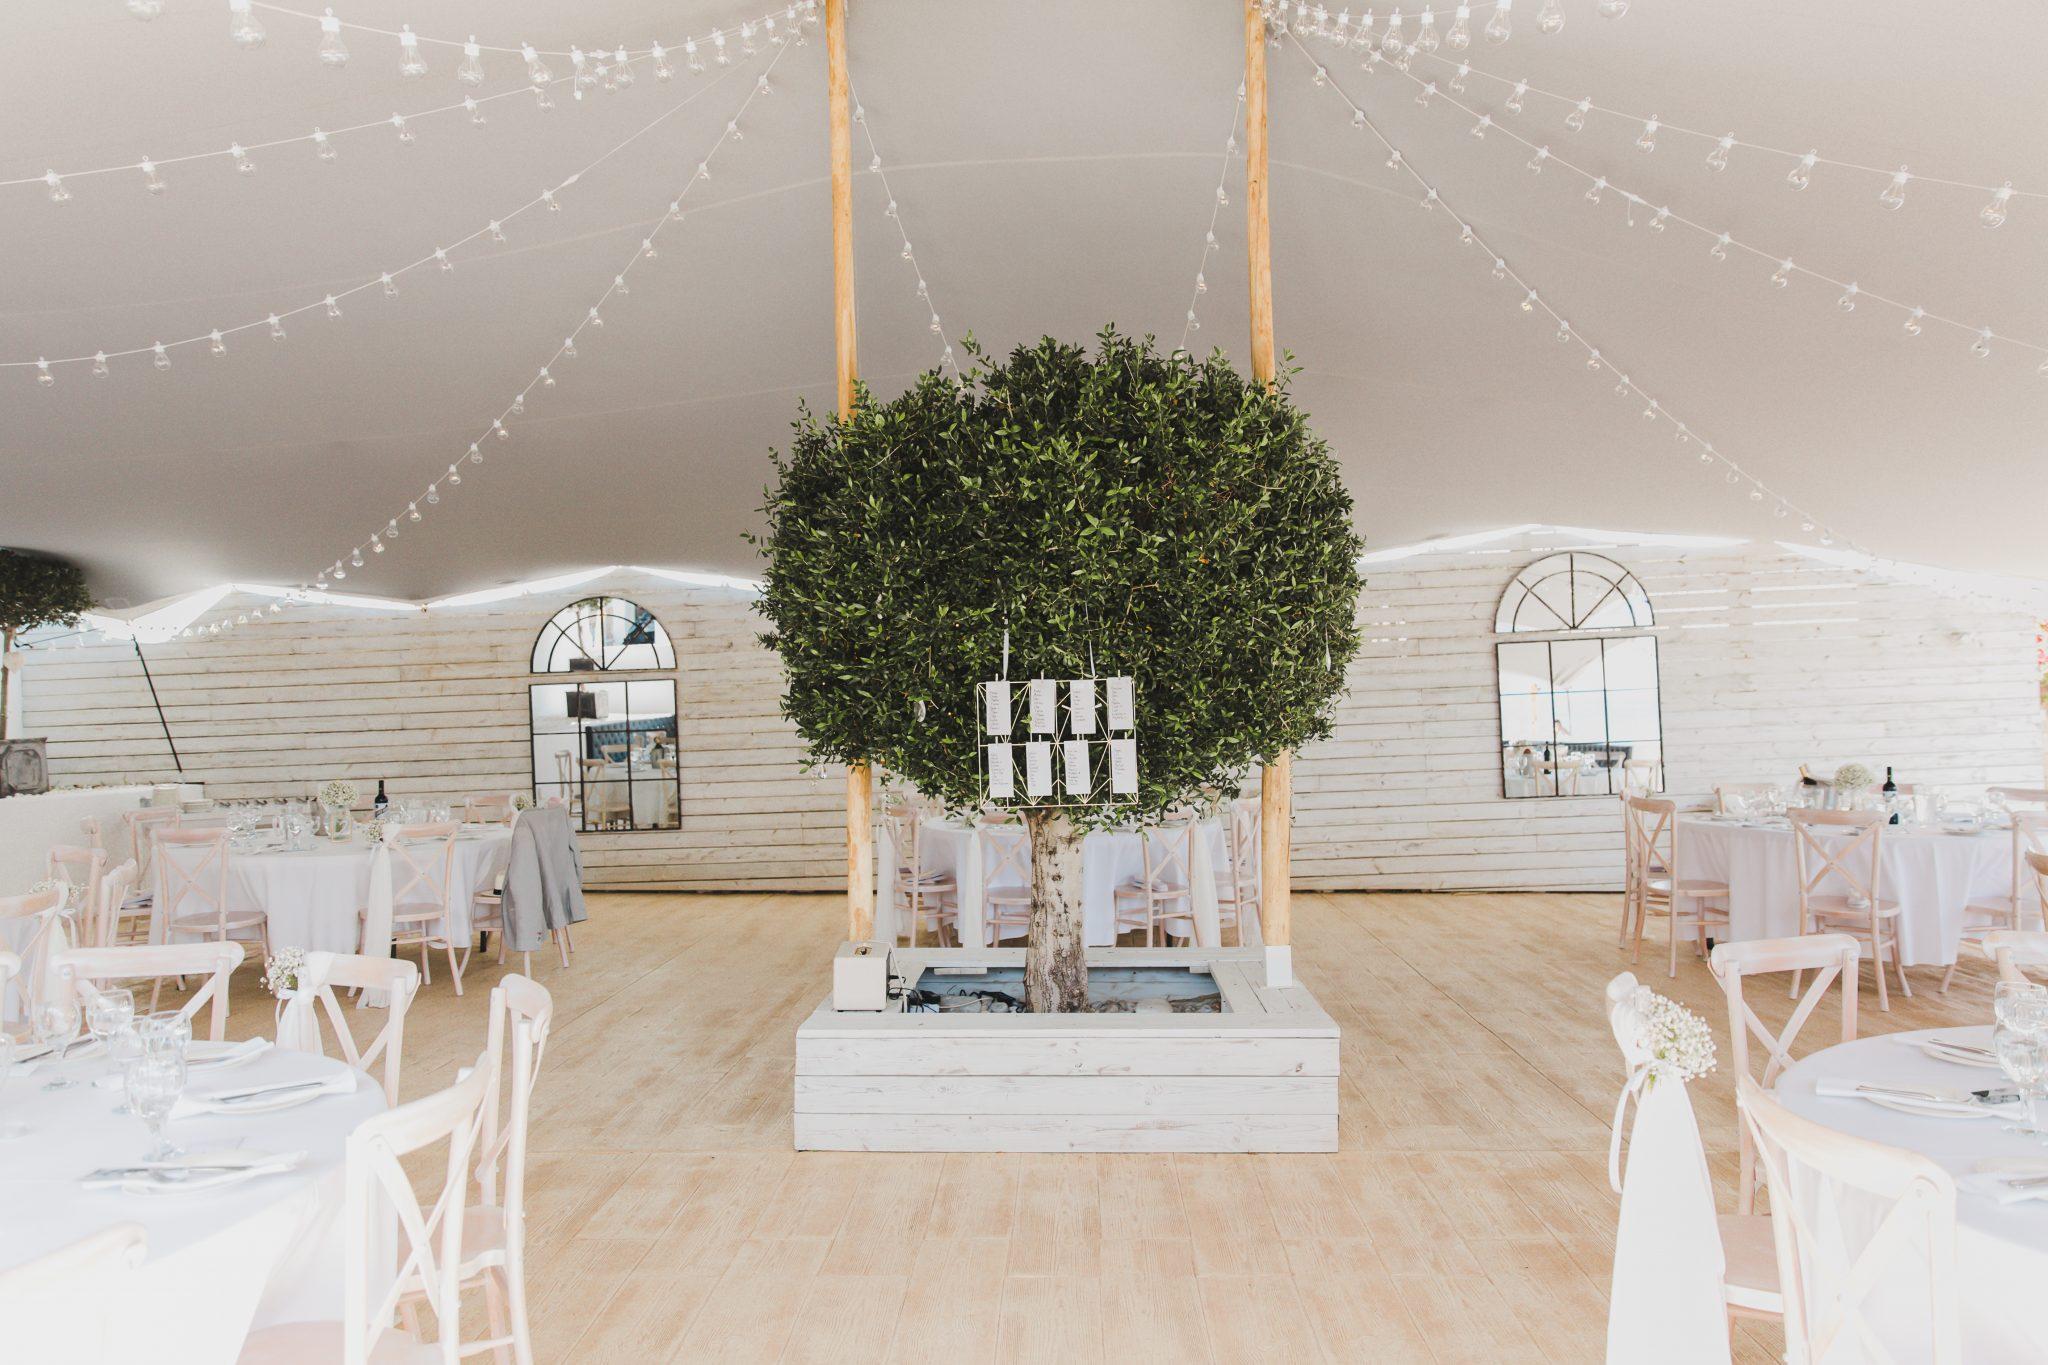 Marque wedding venue